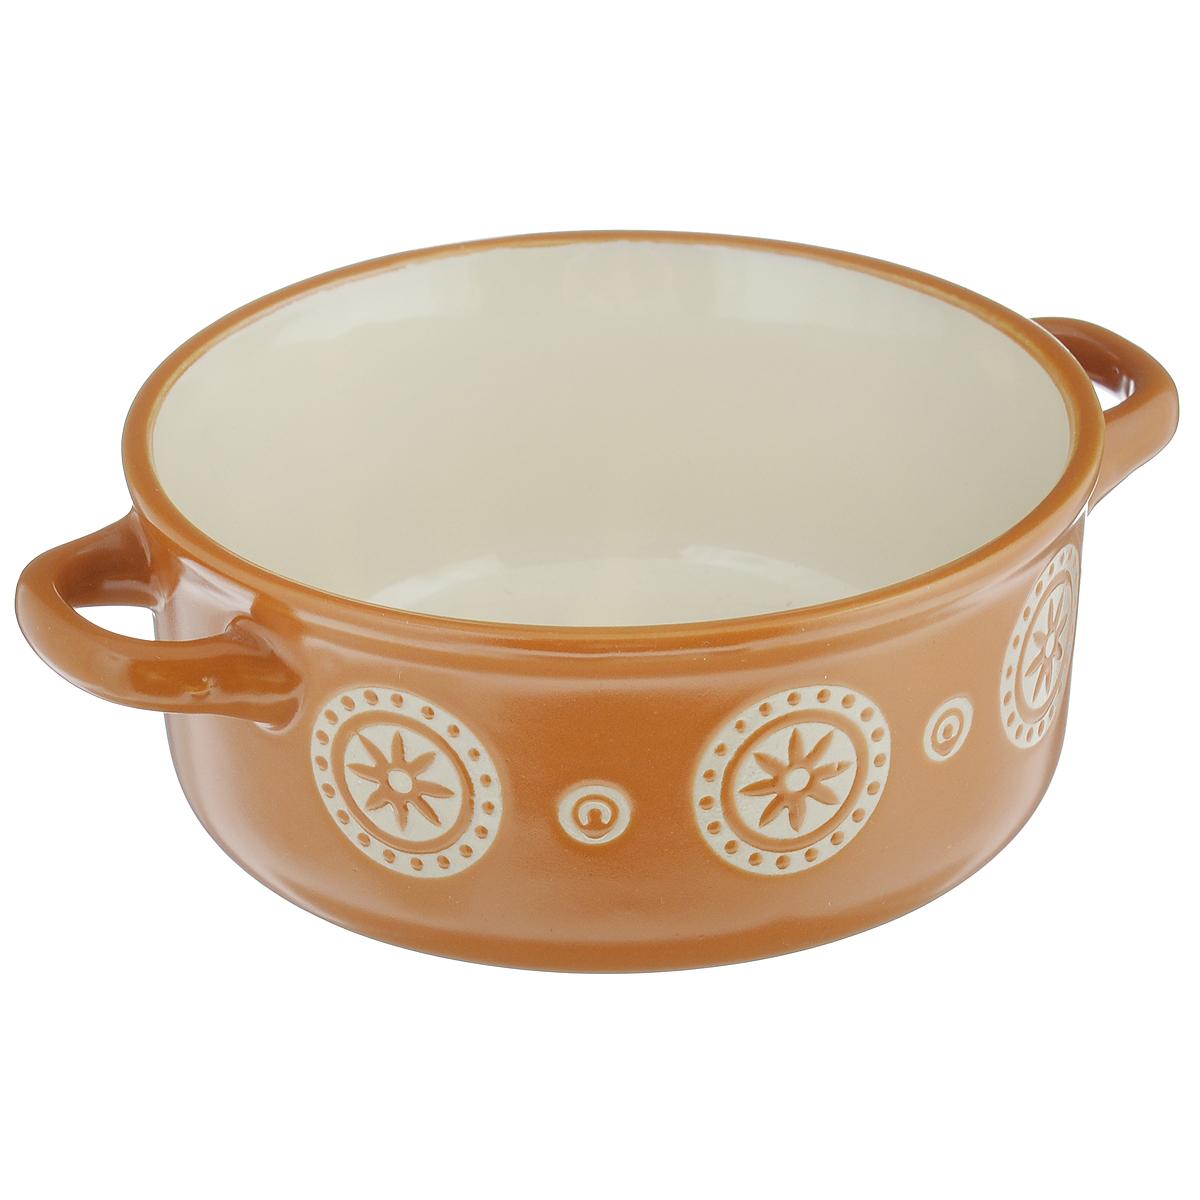 Салатник Wing Star, с ручками, цвет: коричневый, 420 млLJ3426-1305Салатник с ручками Wing Star покорит вас своей красотой и качеством исполнения. Изделие выполнено из высококачественной керамики. Такой салатник прекрасно подходит для холодных и горячих блюд: каш, хлопьев, супов, салатов. Он дополнит коллекцию вашей кухонной посуды и будет служить долгие годы. Можно использовать в посудомоечной машине и СВЧ. Объем салатника: 420 мл. Диаметр салатника (по верхнему краю): 13,5 см. Ширина салатника (с учетом ручек): 17,5 см. Высота стенки салатника: 6,5 см.